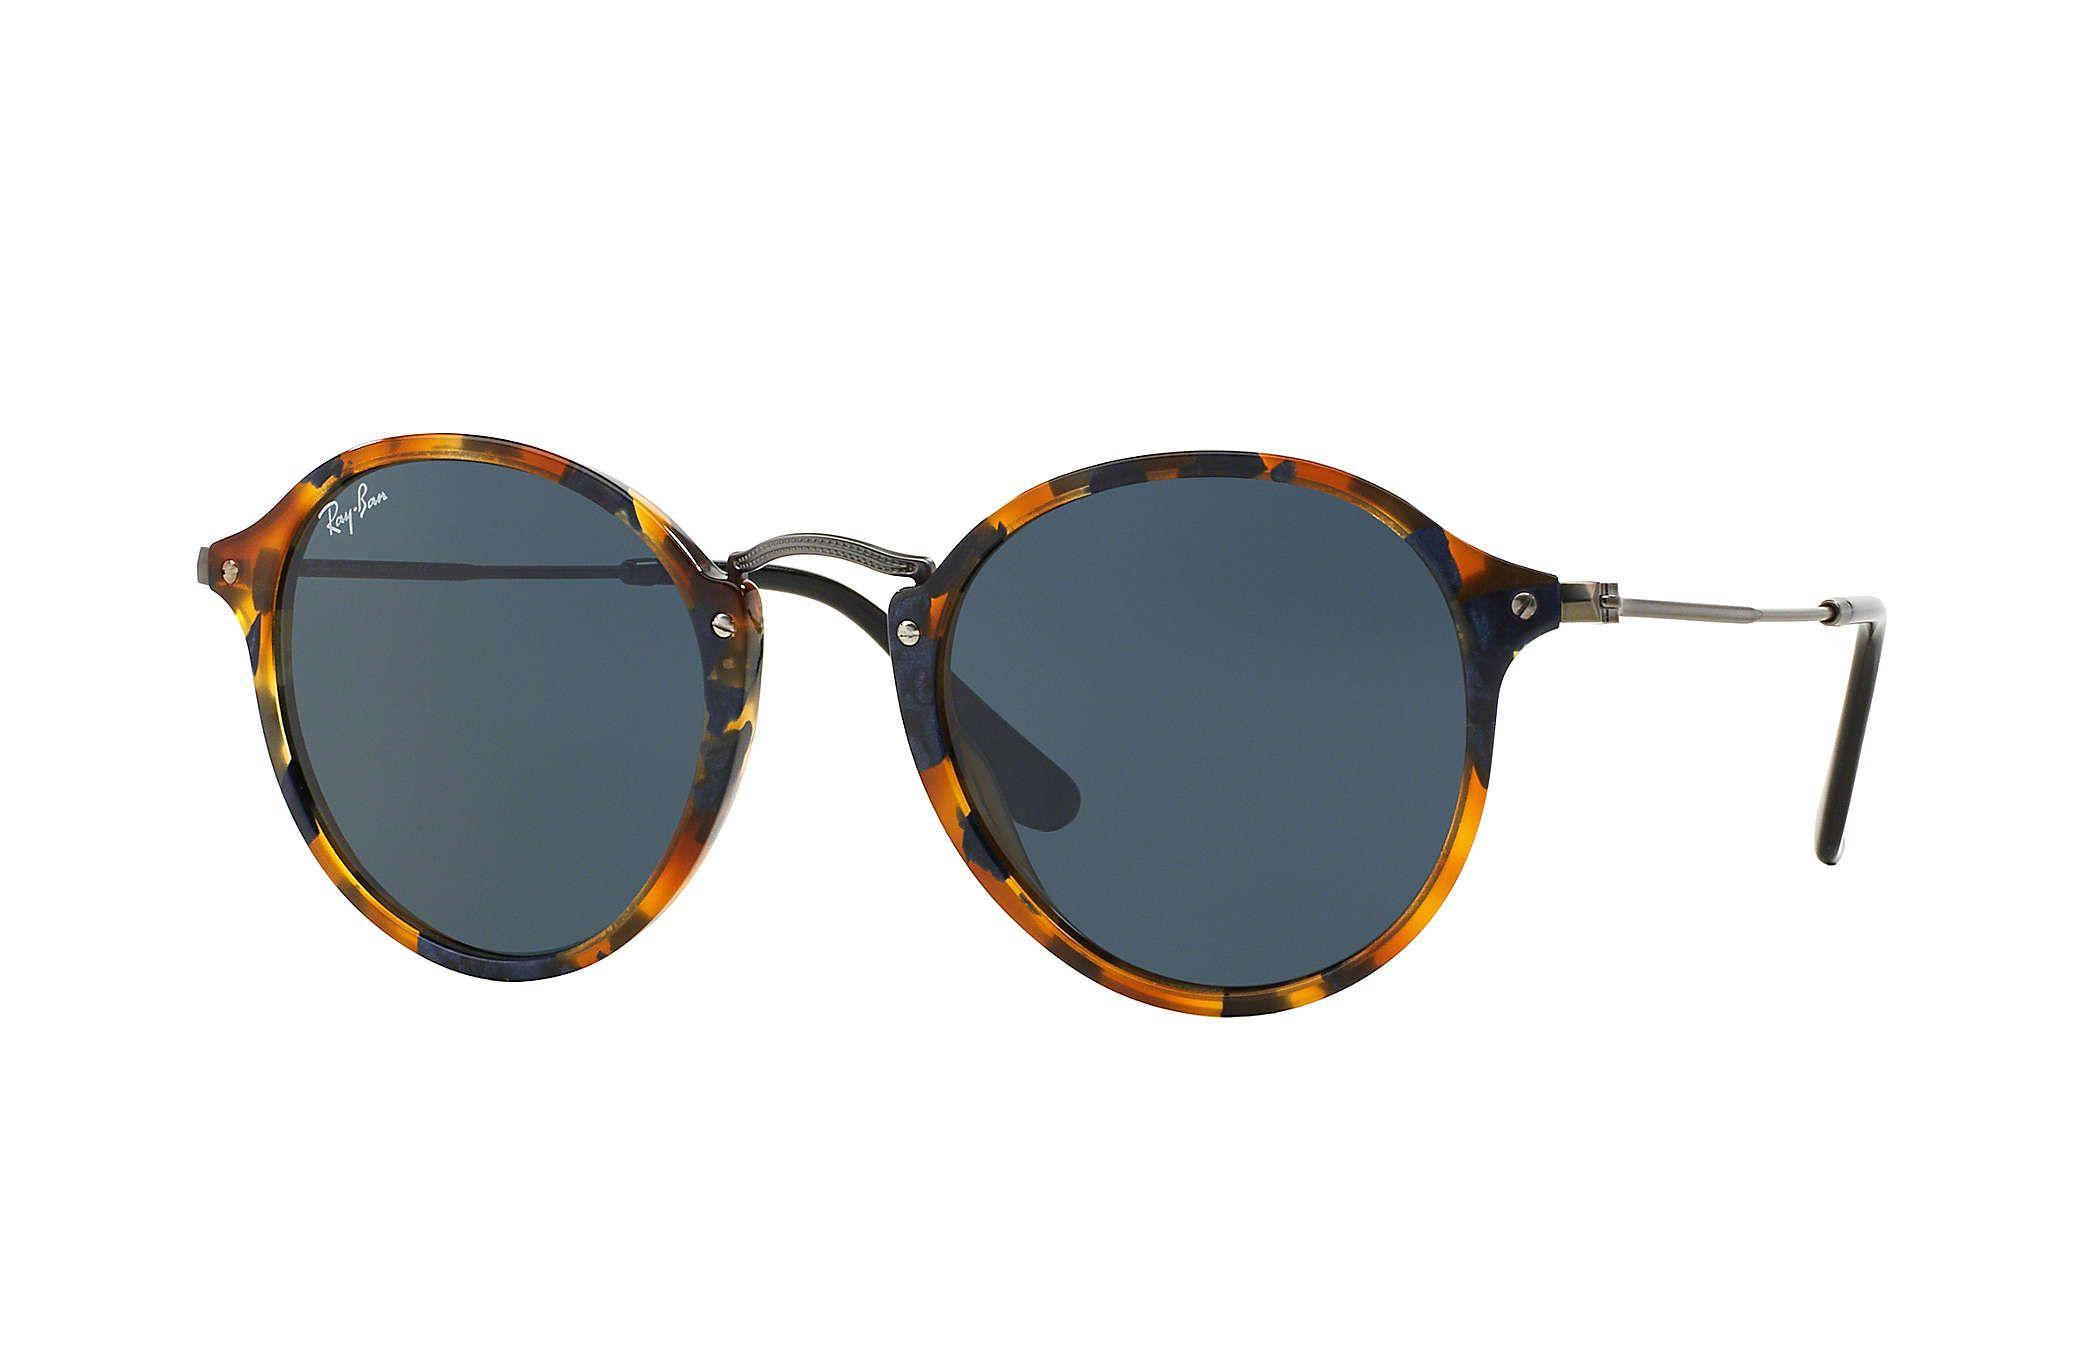 Ray ban sunglasses circle - Explore Ray Ban Glasses Glasses Frames And More